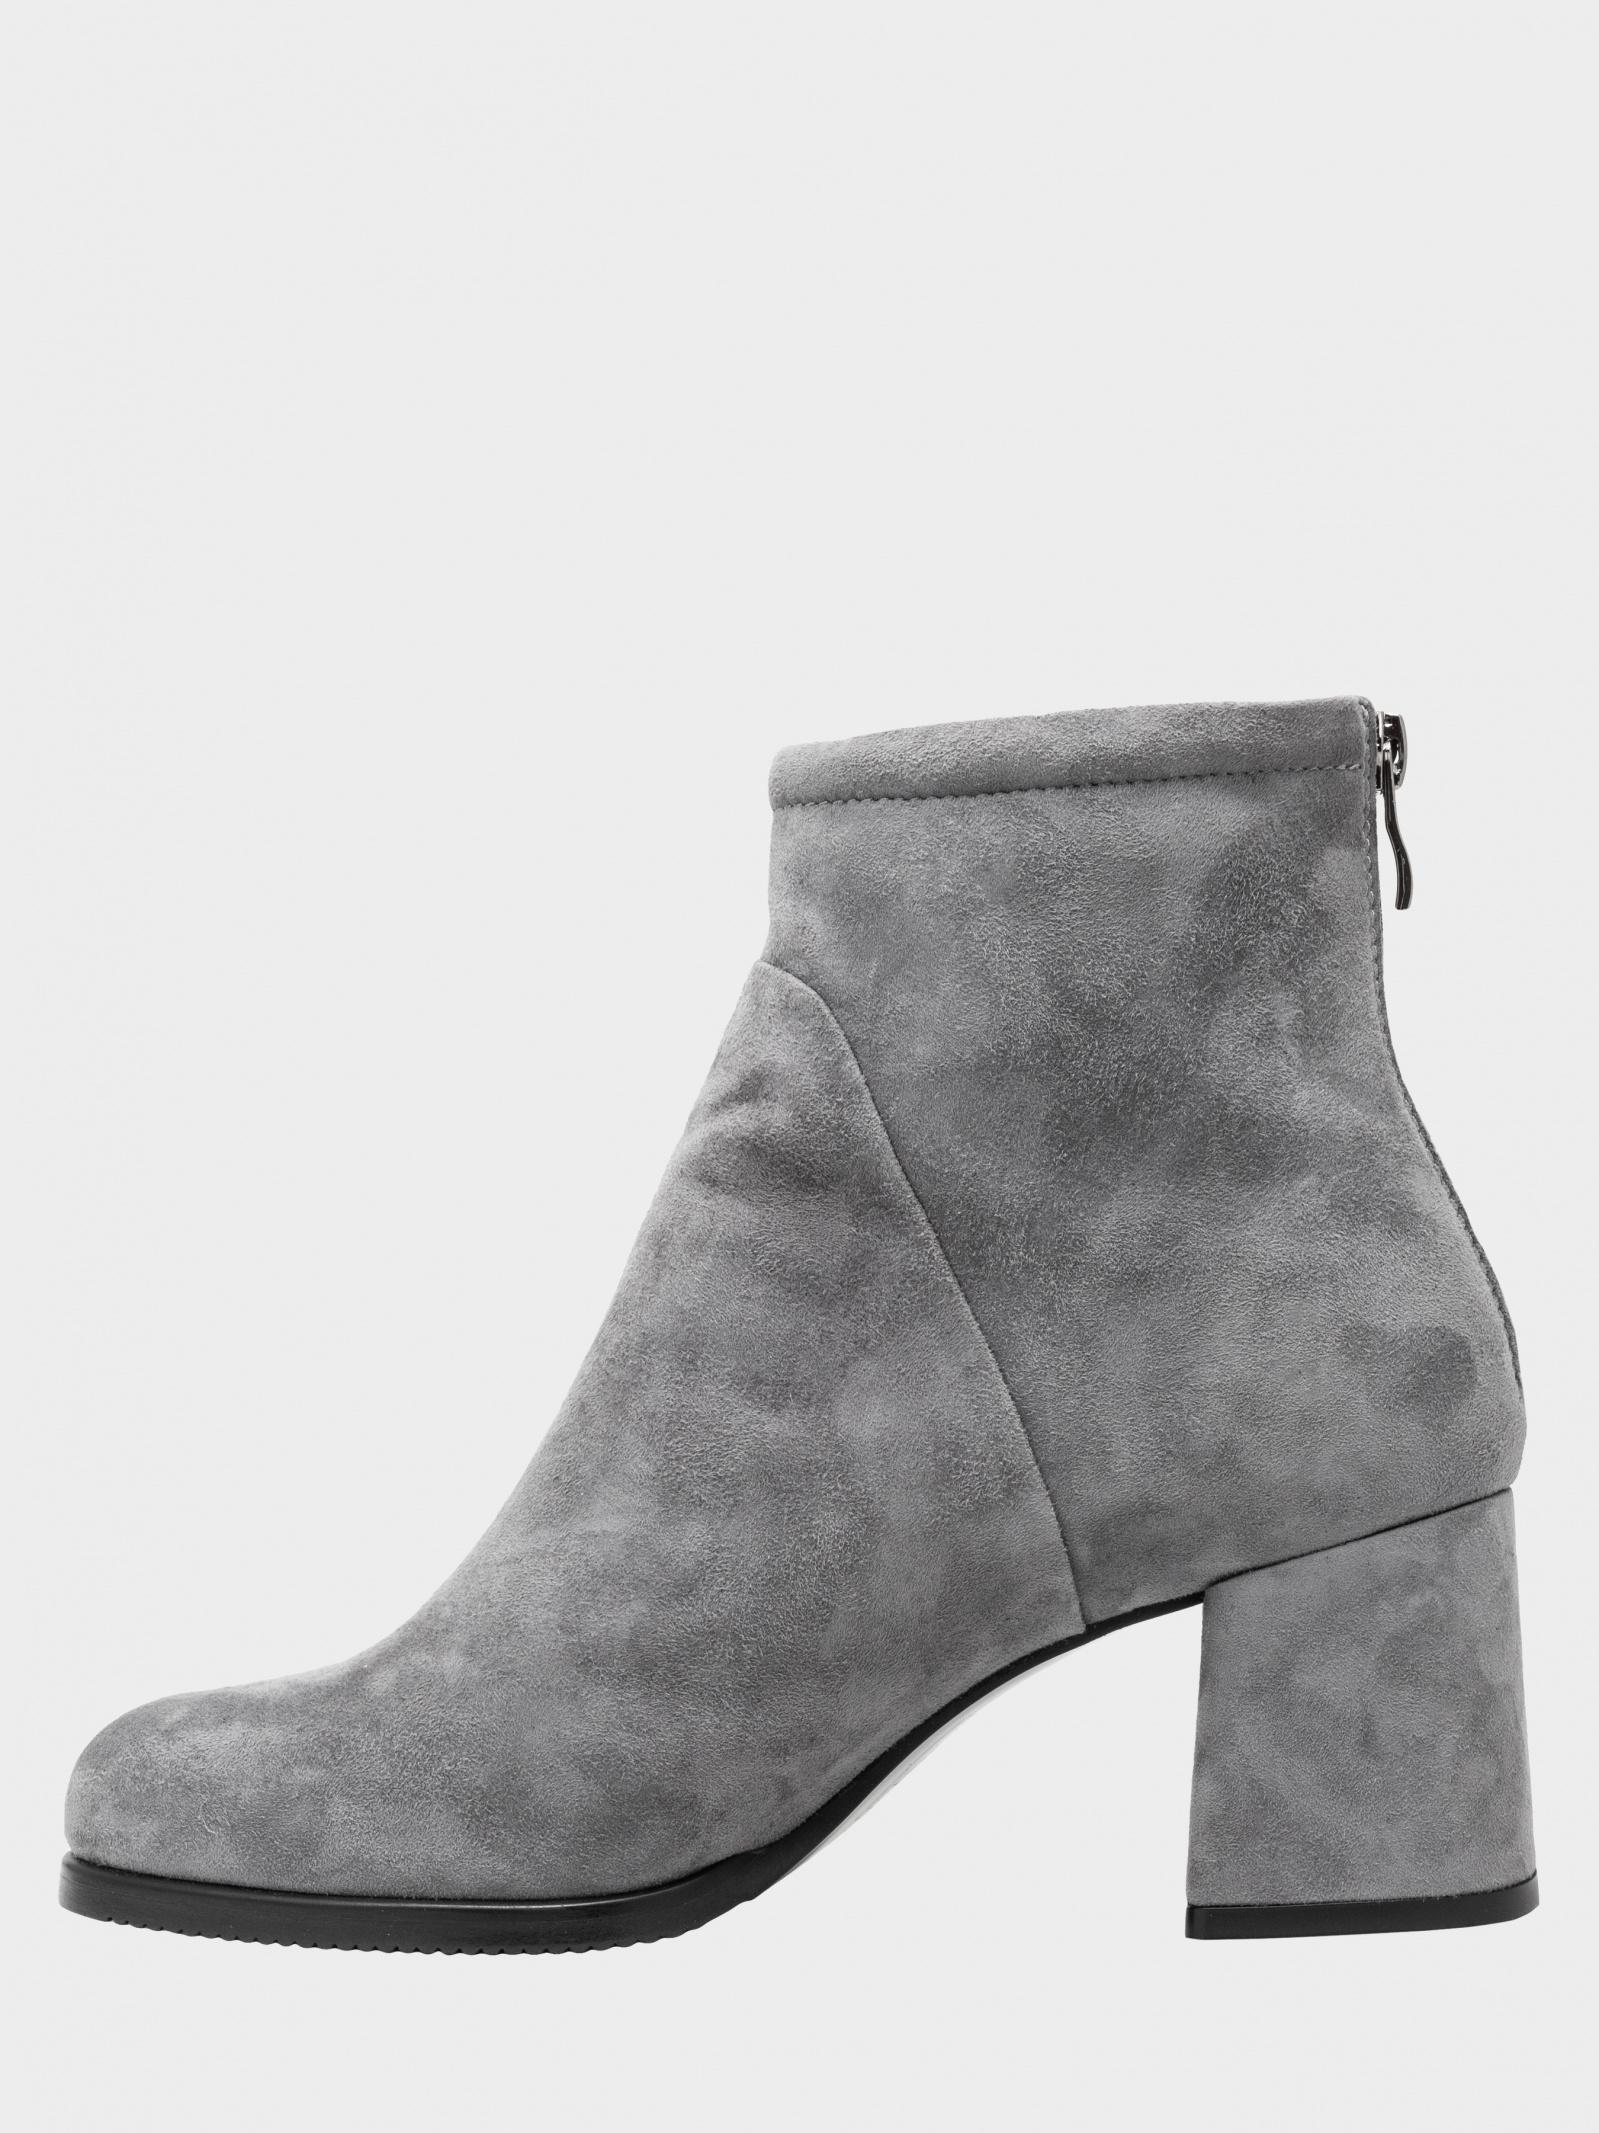 Ботинки для женщин Ботинки женские ENZO VERRATTI 18-1270-11gr купить в Интертоп, 2017